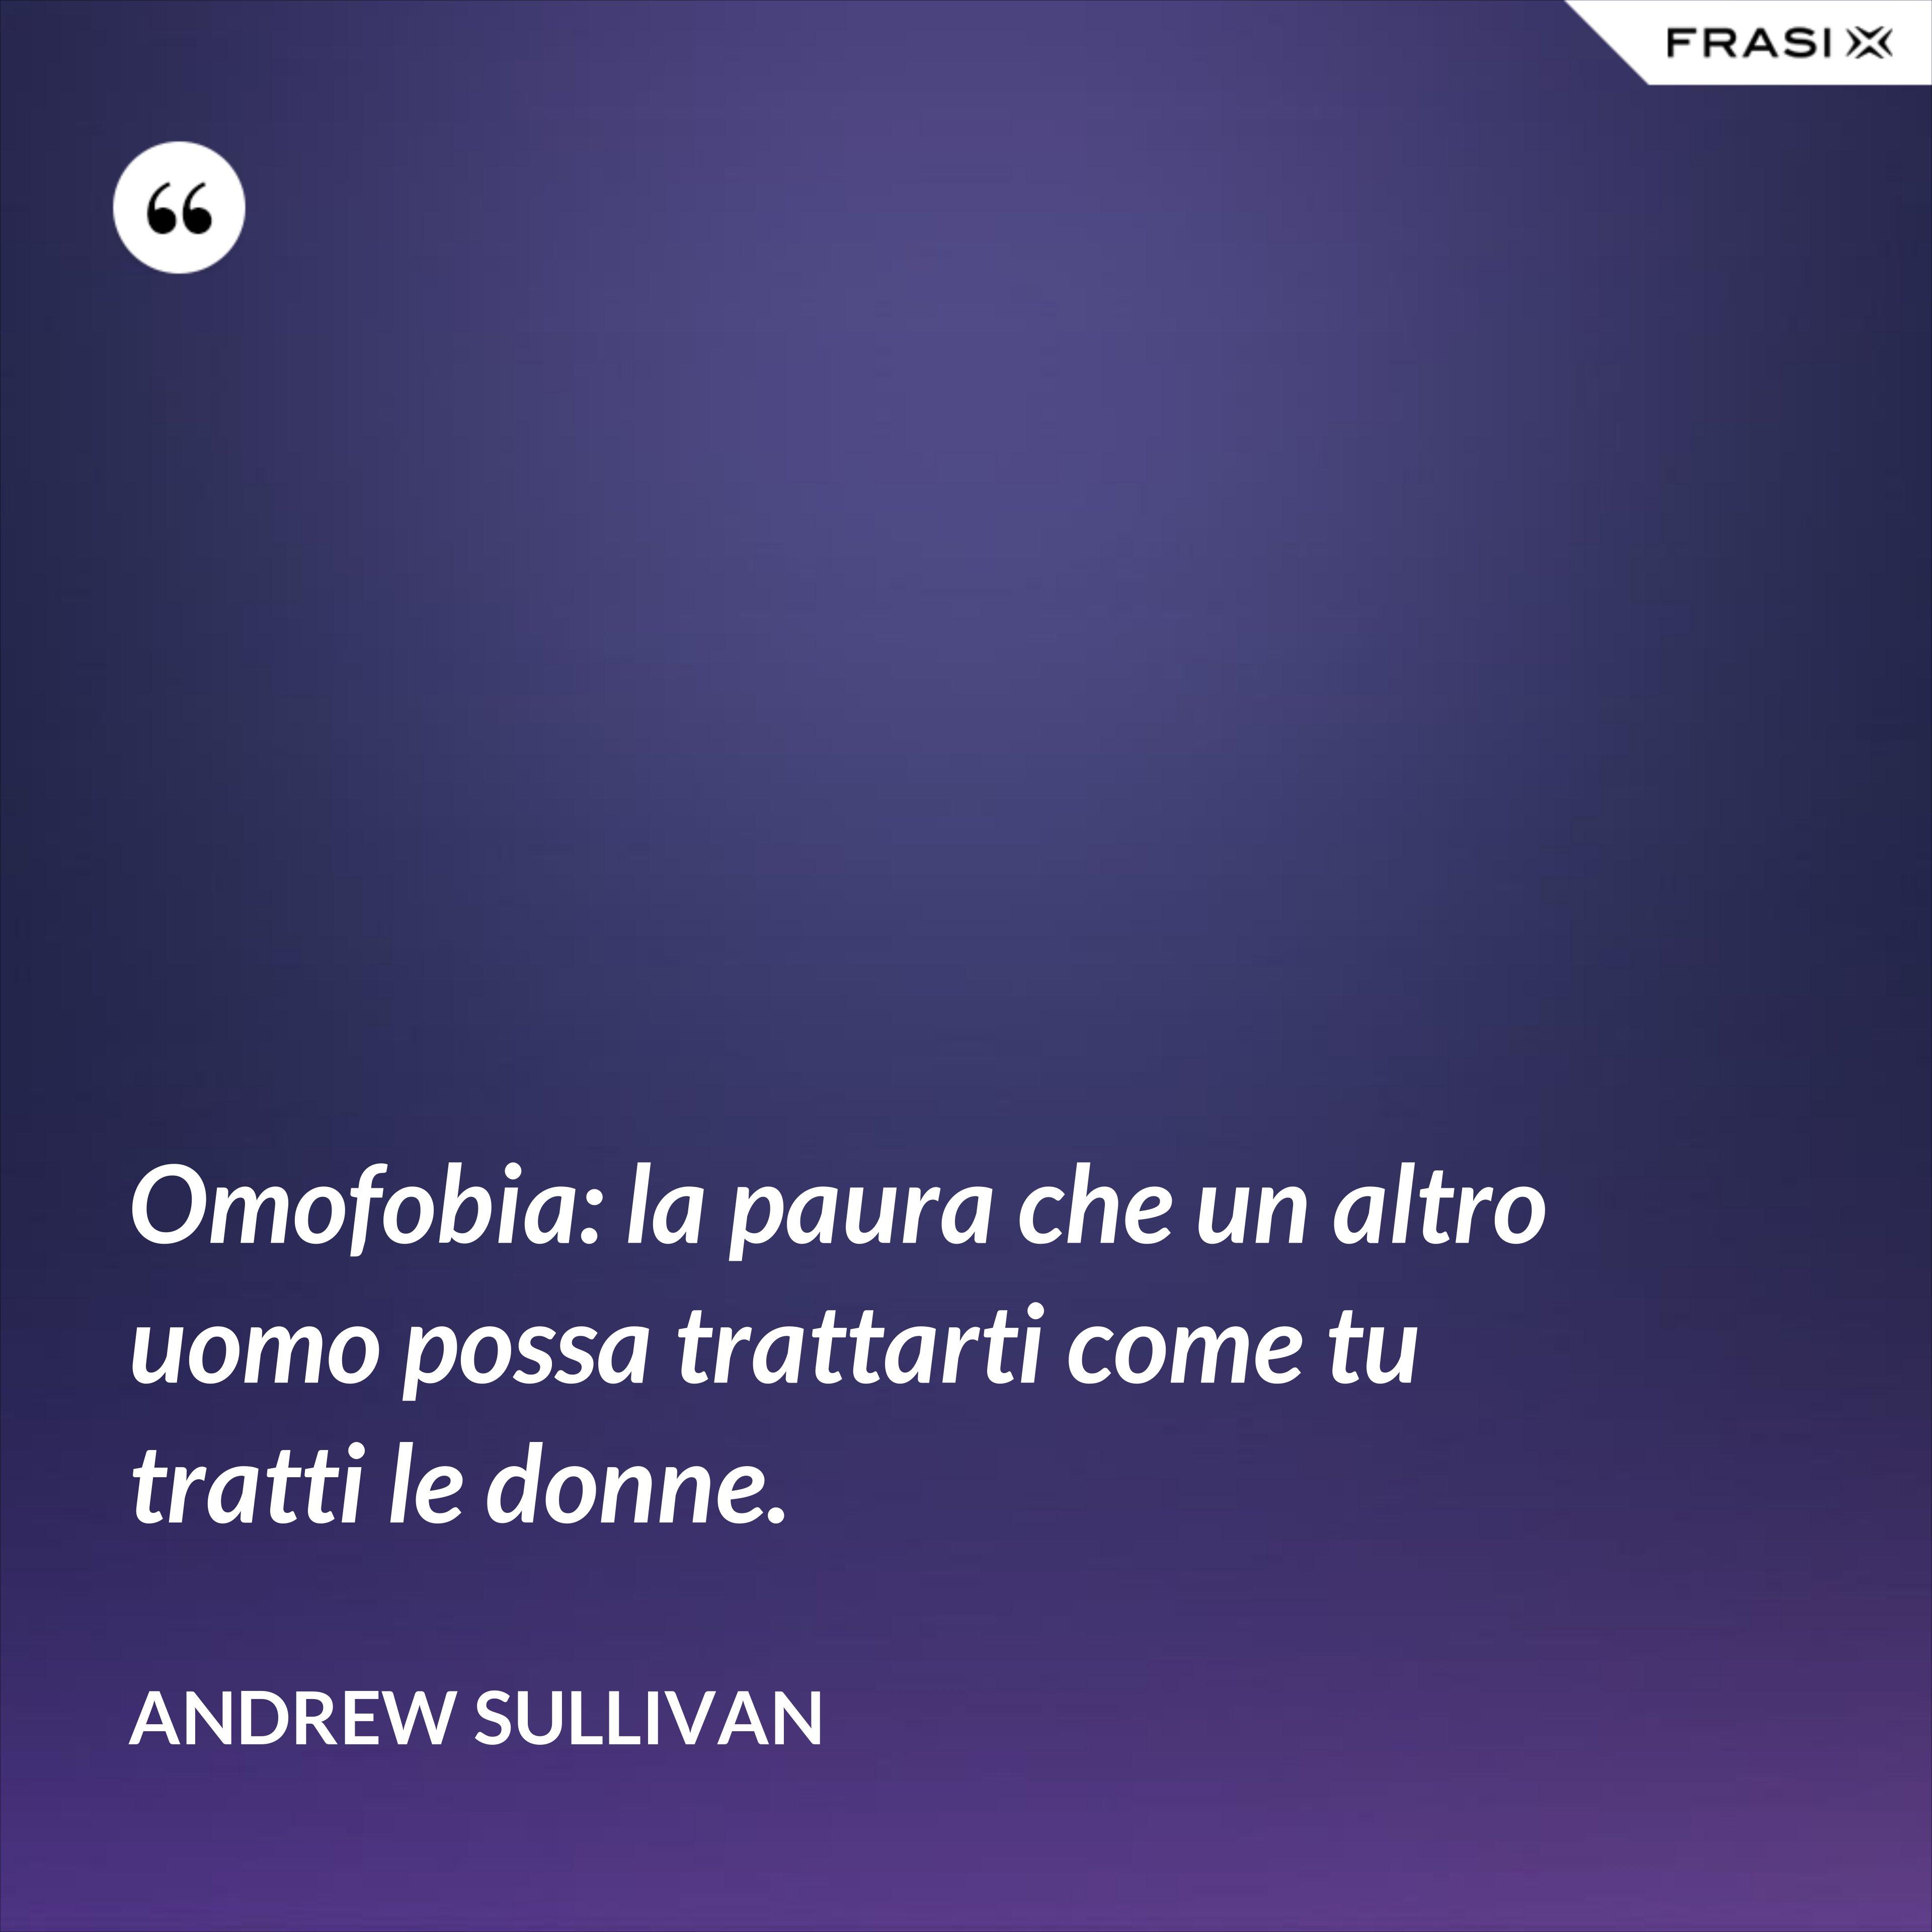 Omofobia: la paura che un altro uomo possa trattarti come tu tratti le donne. - Andrew Sullivan